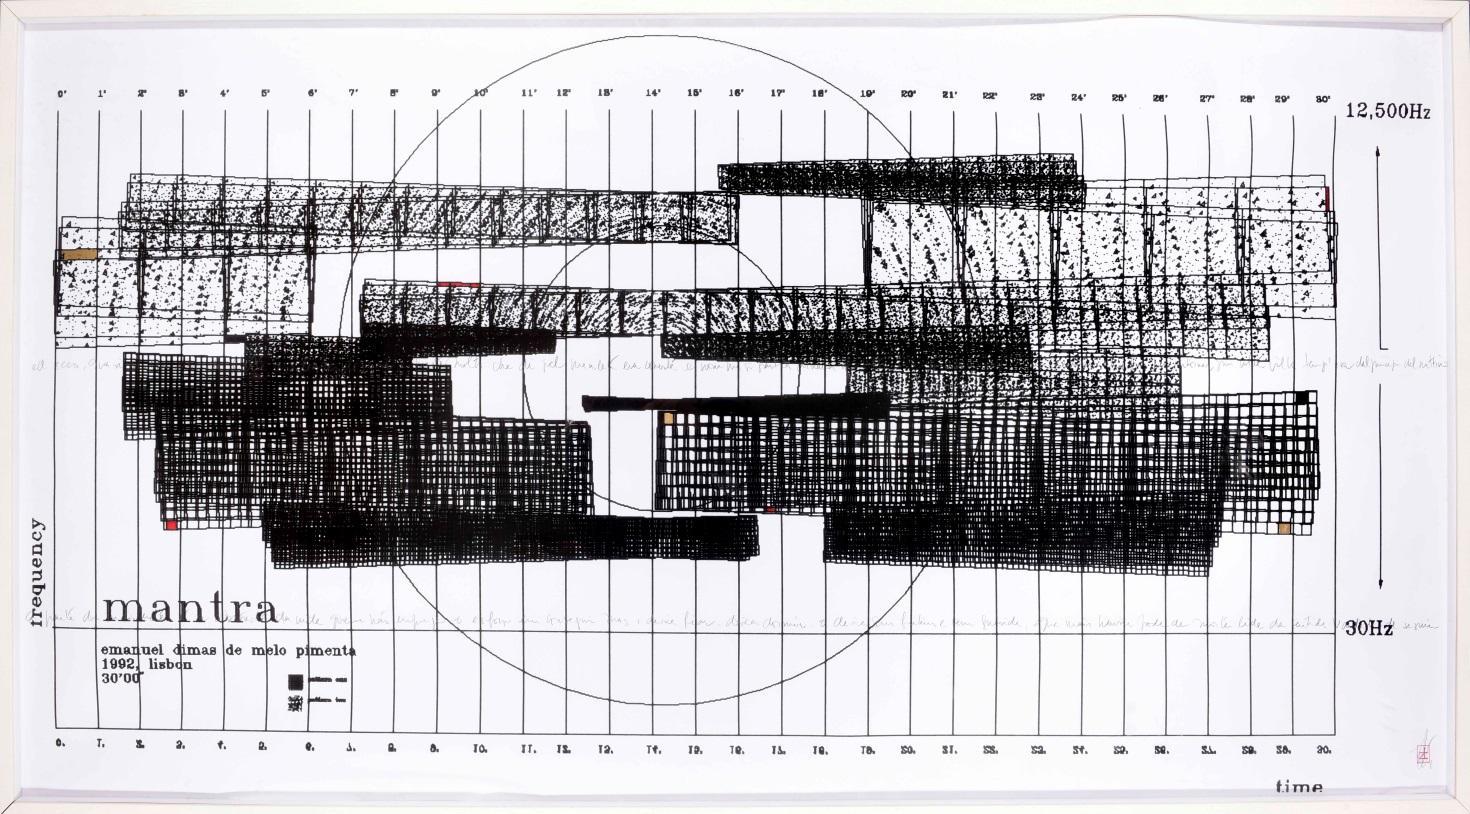 Emanuel Dimas de Melo Pimenta, Design of the Infinite, 2016